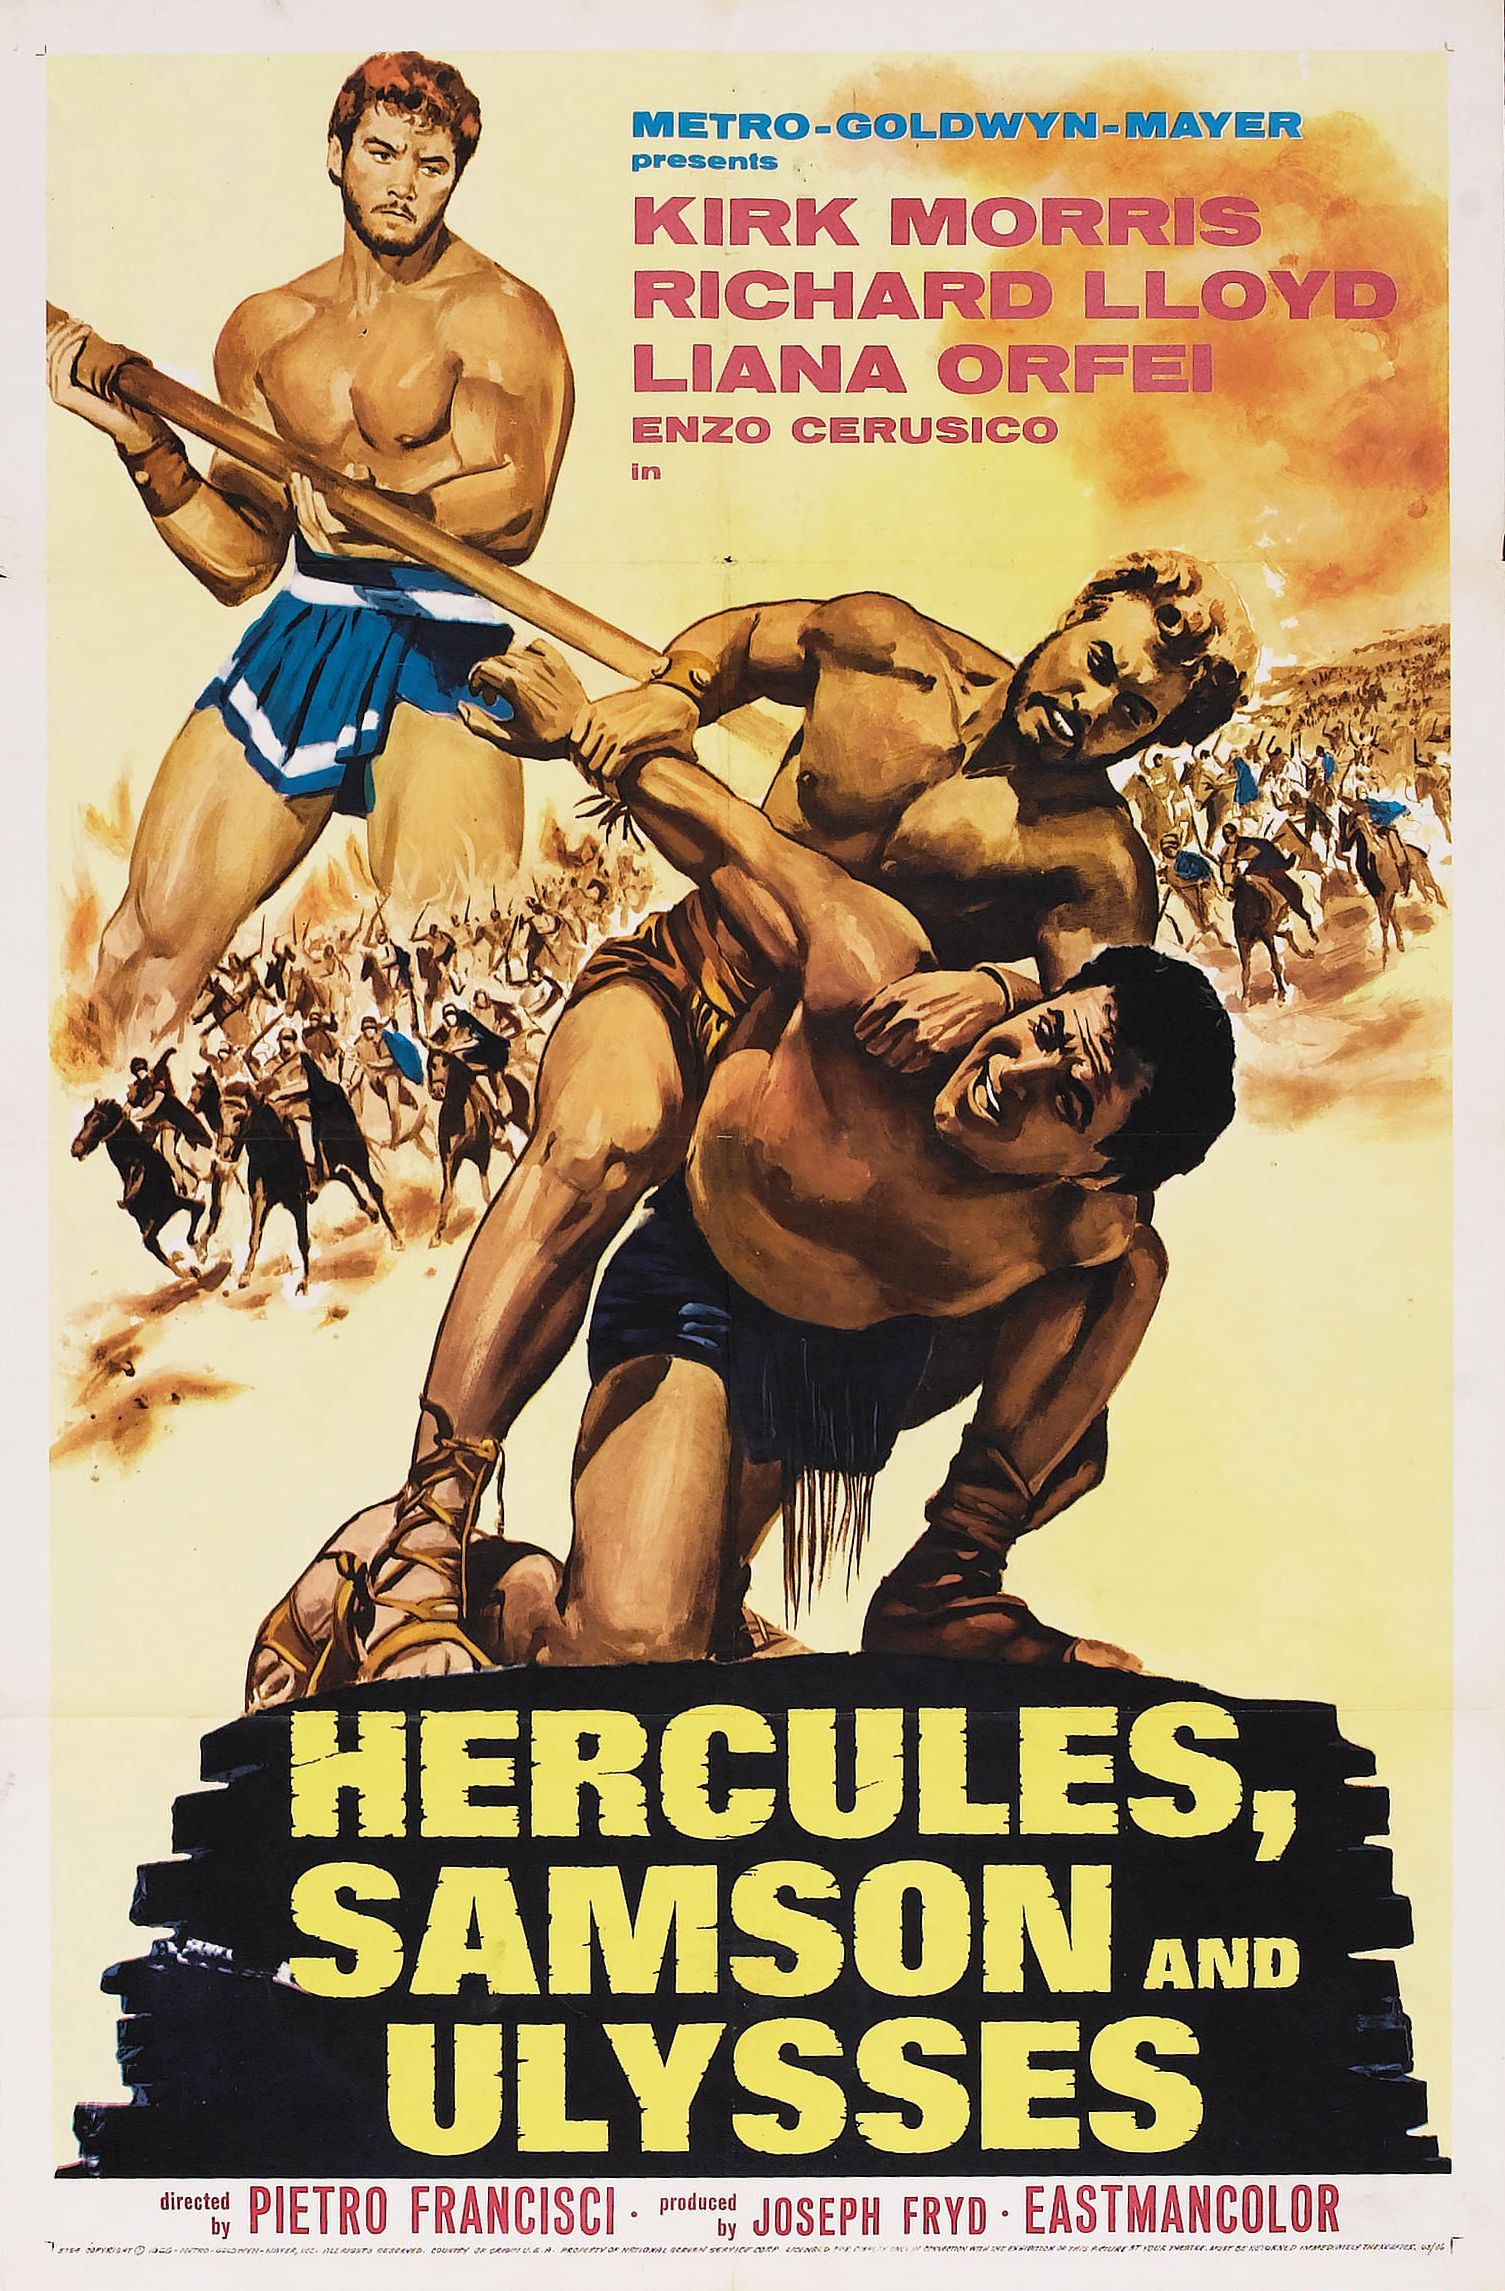 Hercules, Samson & Ulysses (1963)